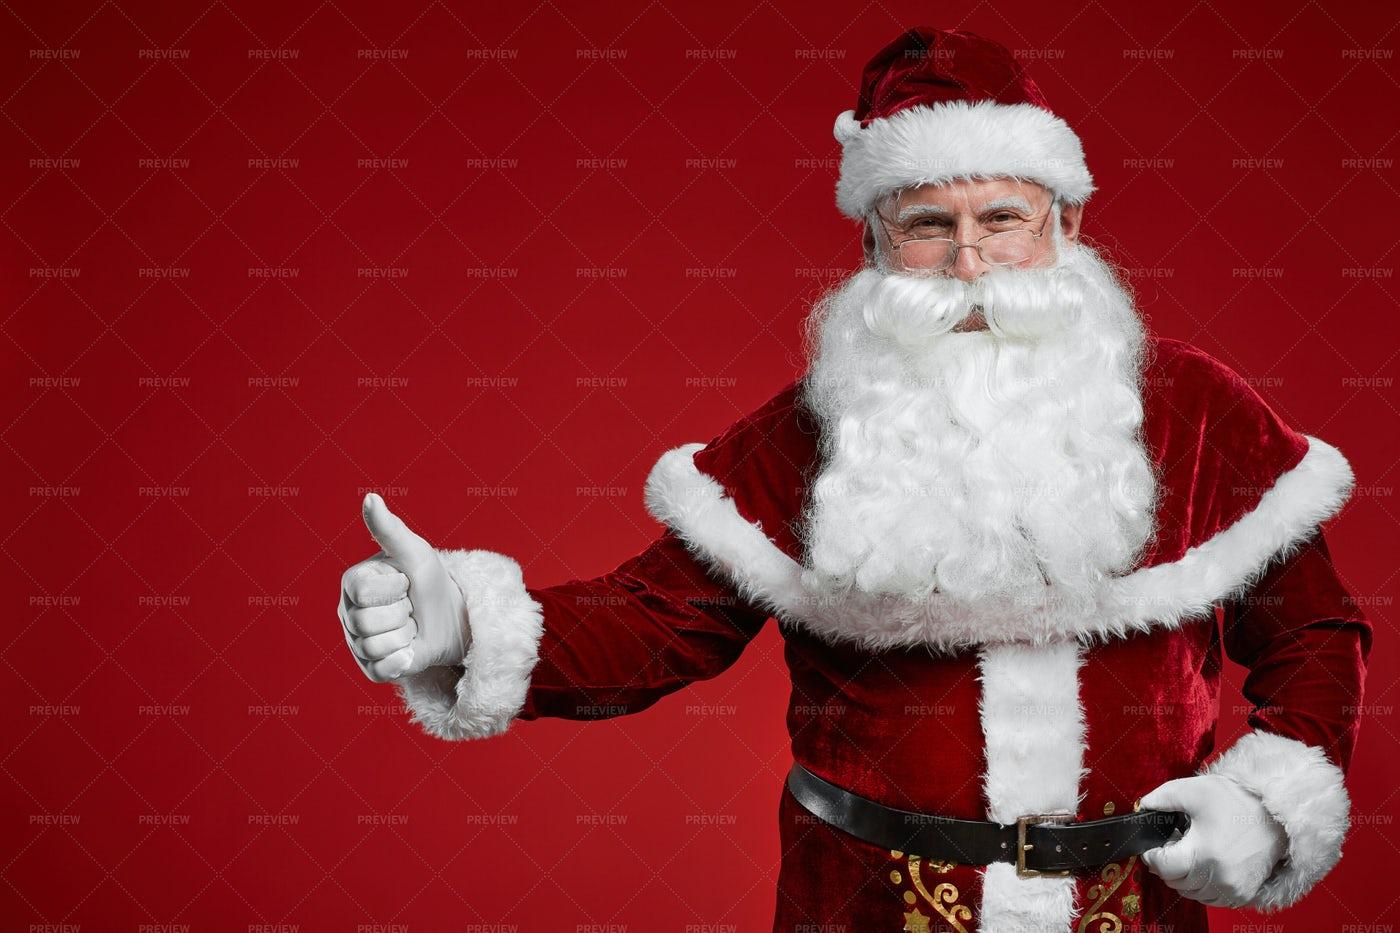 Santa Gives The Thumbs Up: Stock Photos